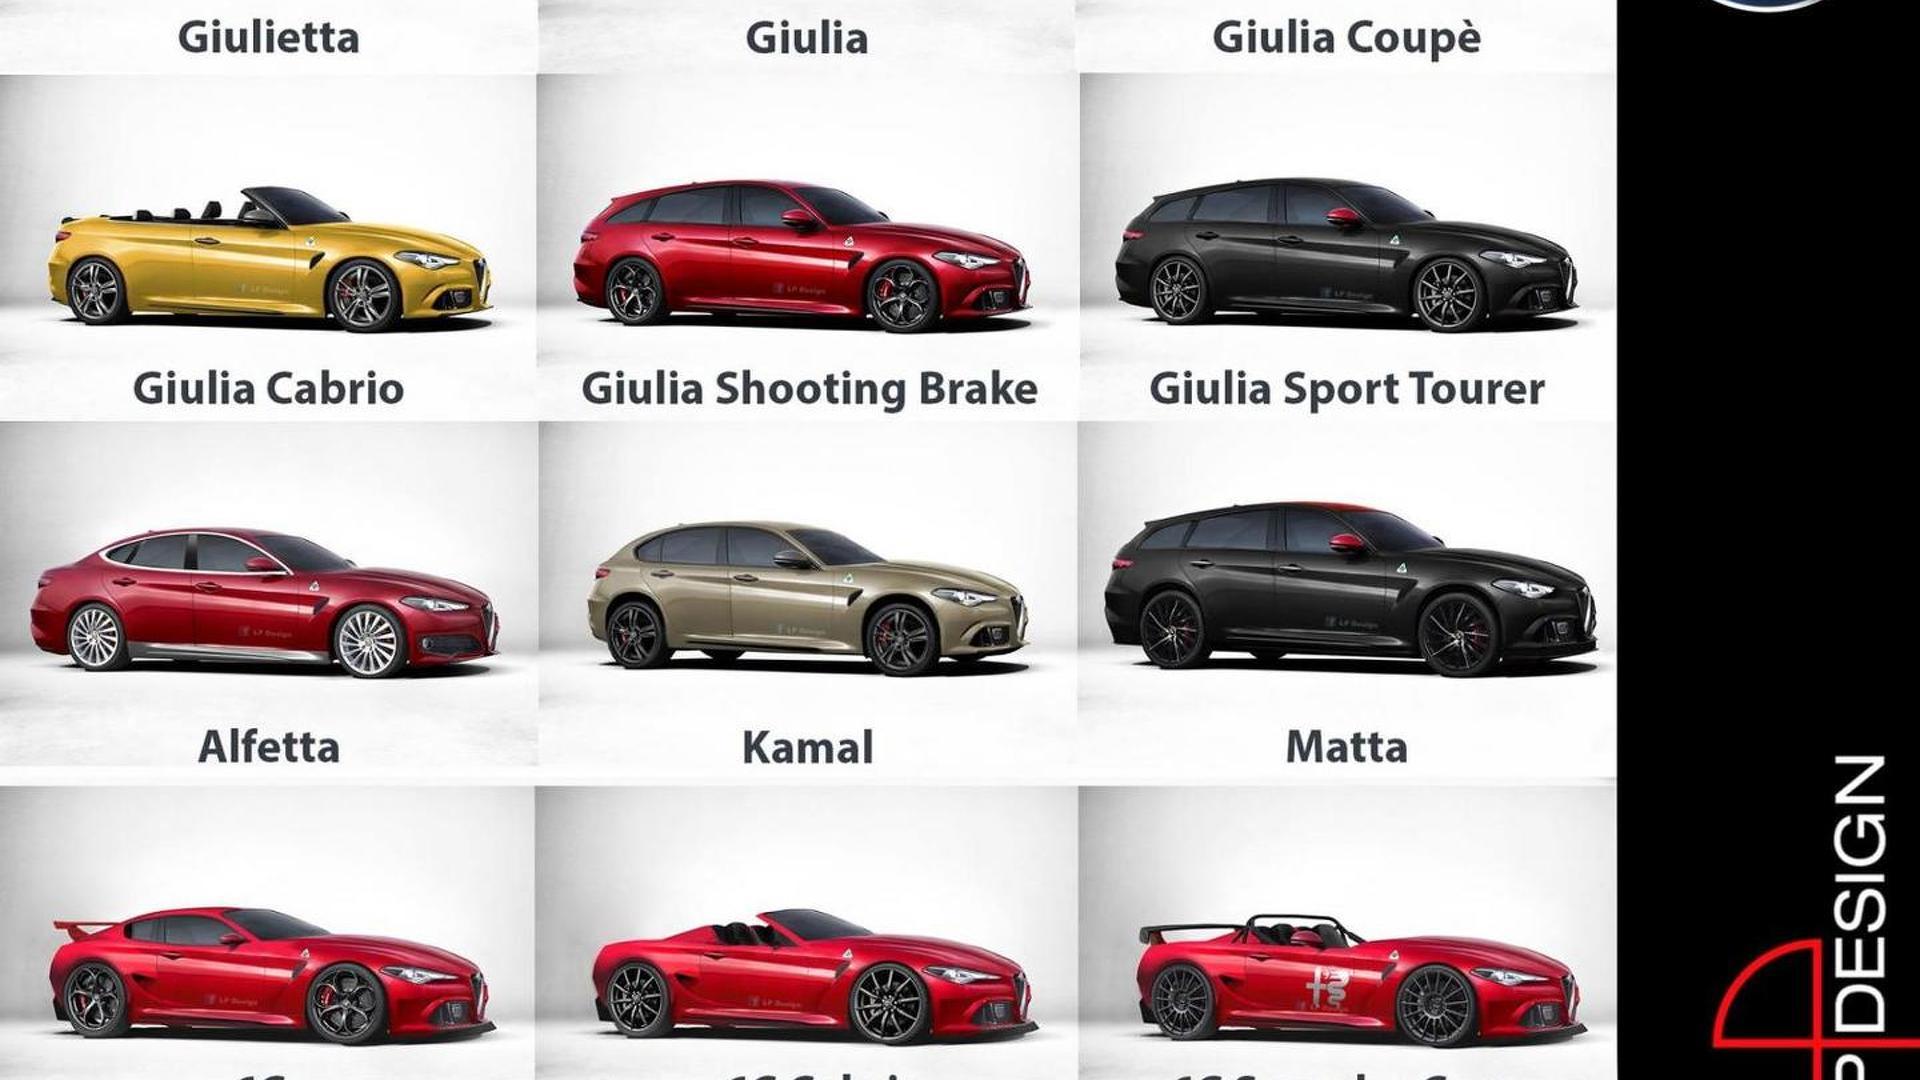 Alfa Romeo future lineup imagined